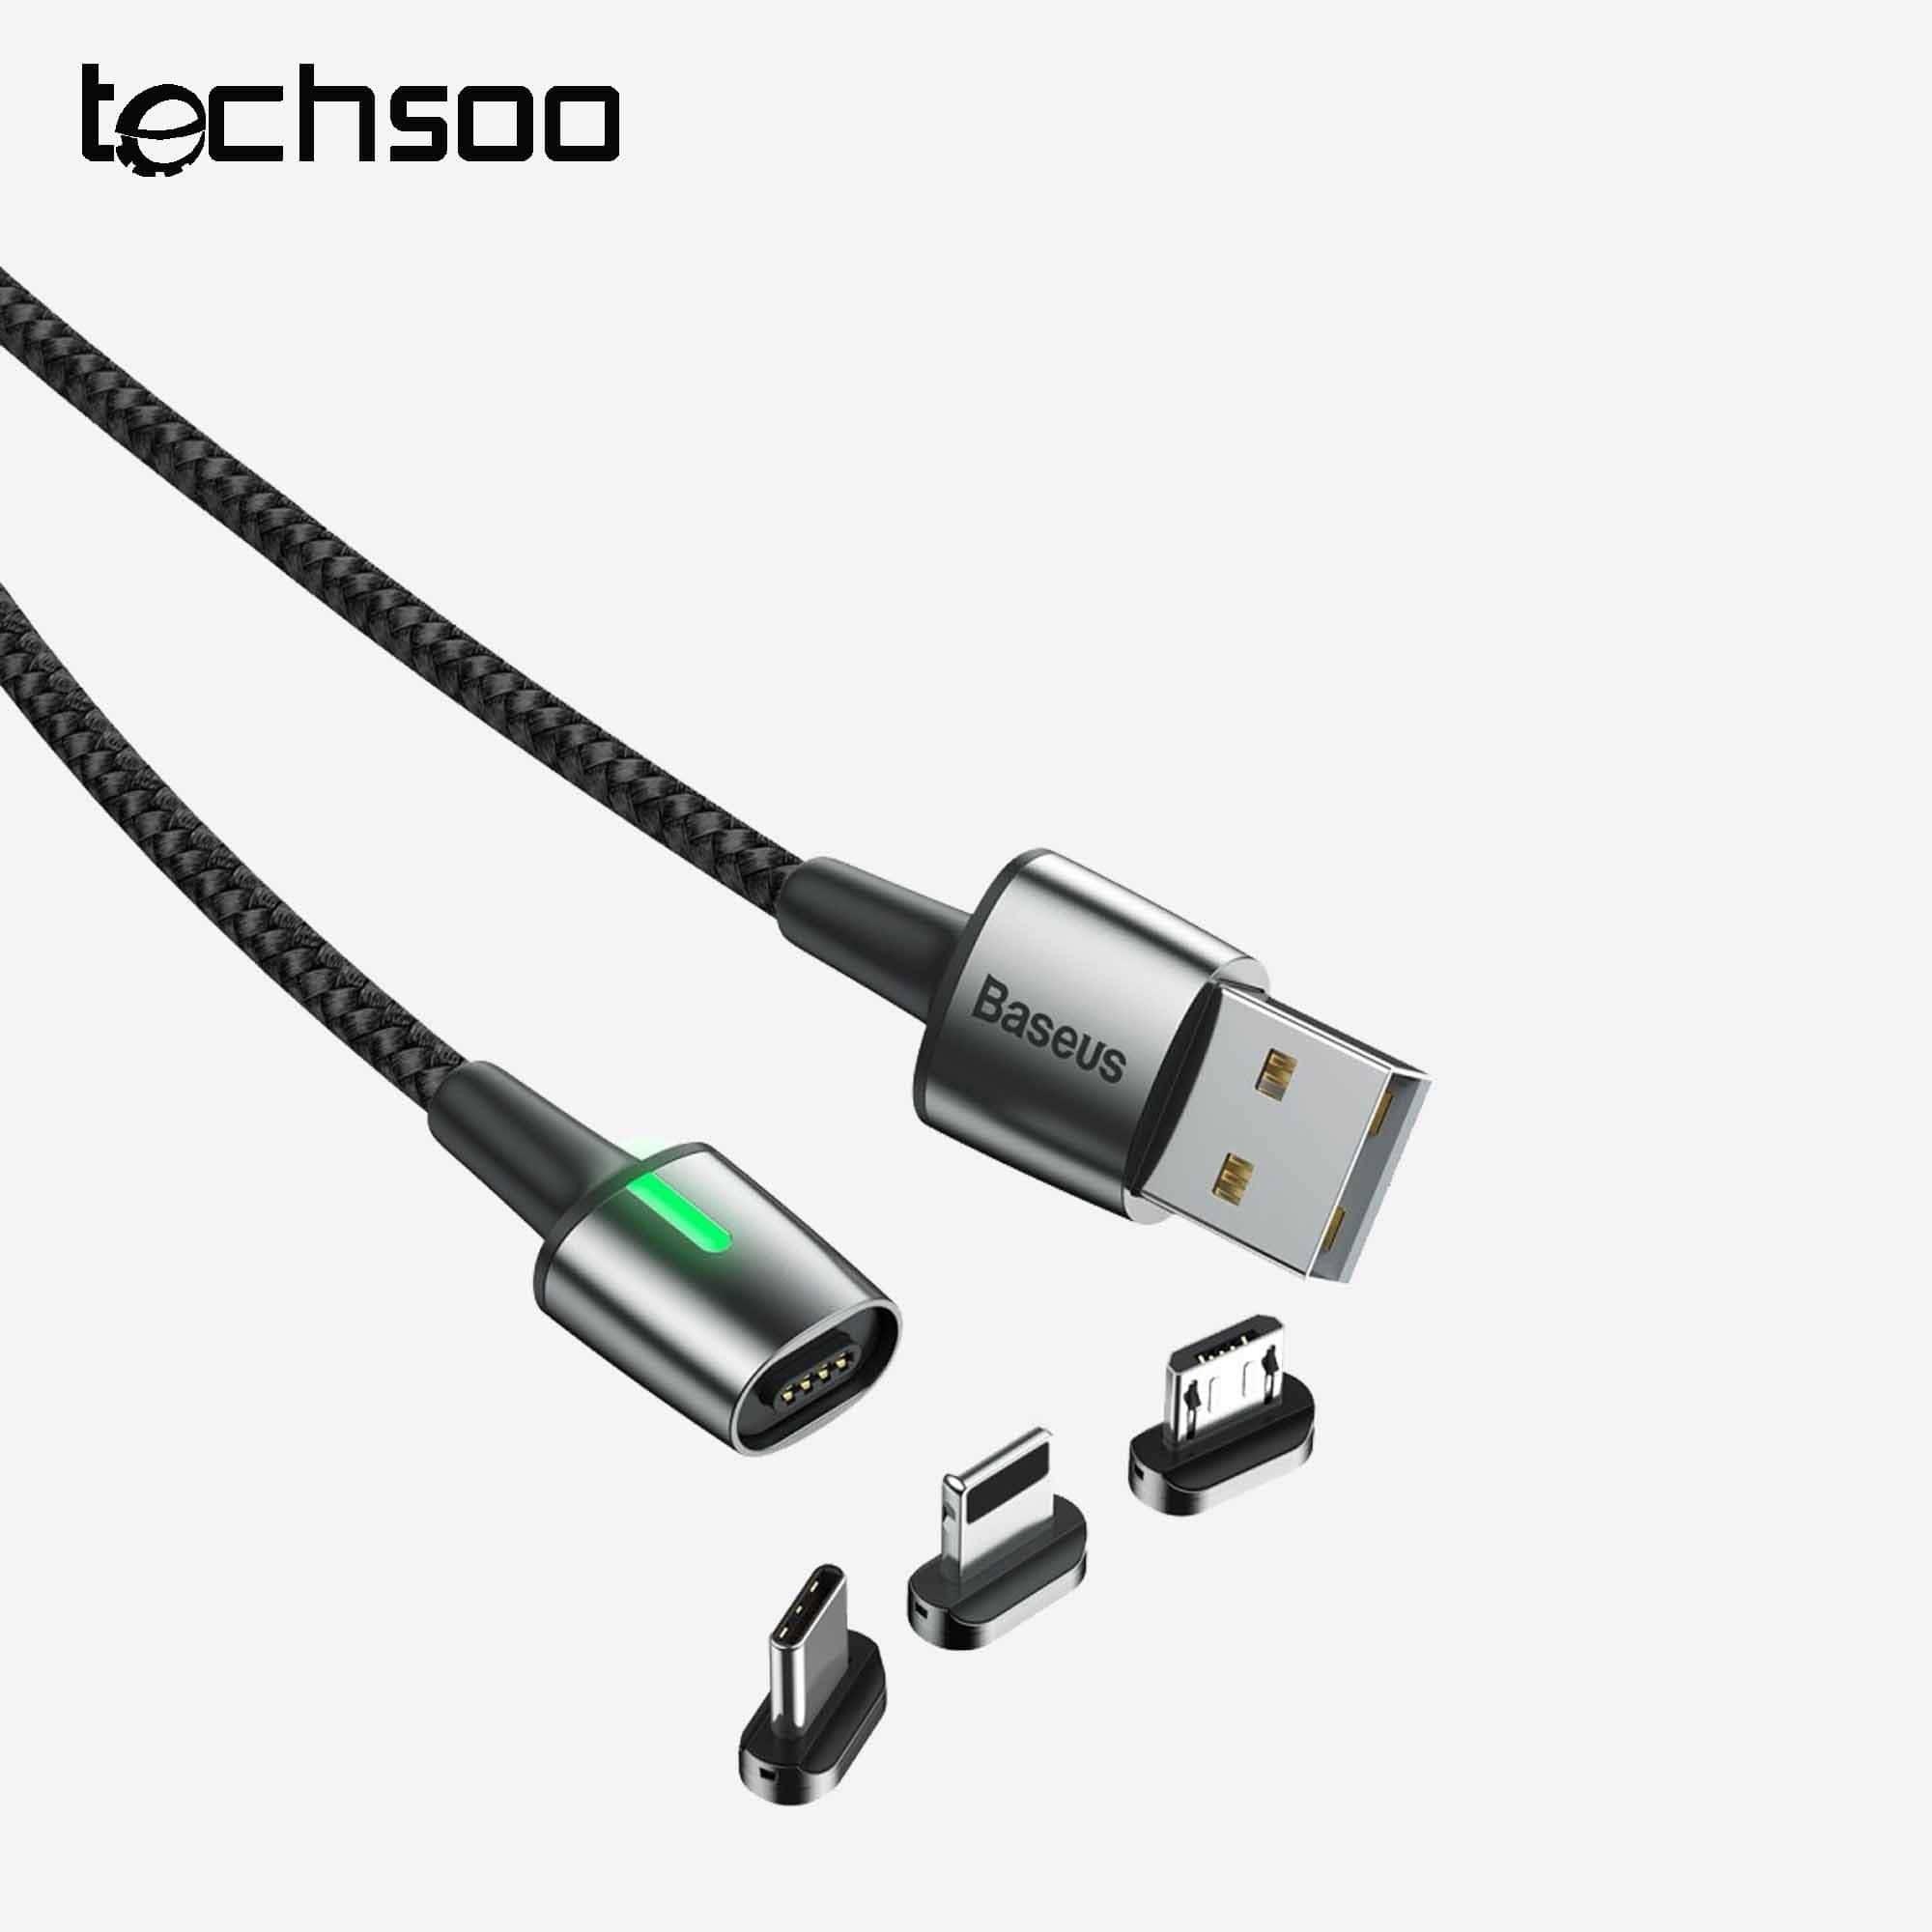 تصویر سر کابل مگنتی لایتنینگ بیسوس Baseus Calxc-e iP Magnetic adapter